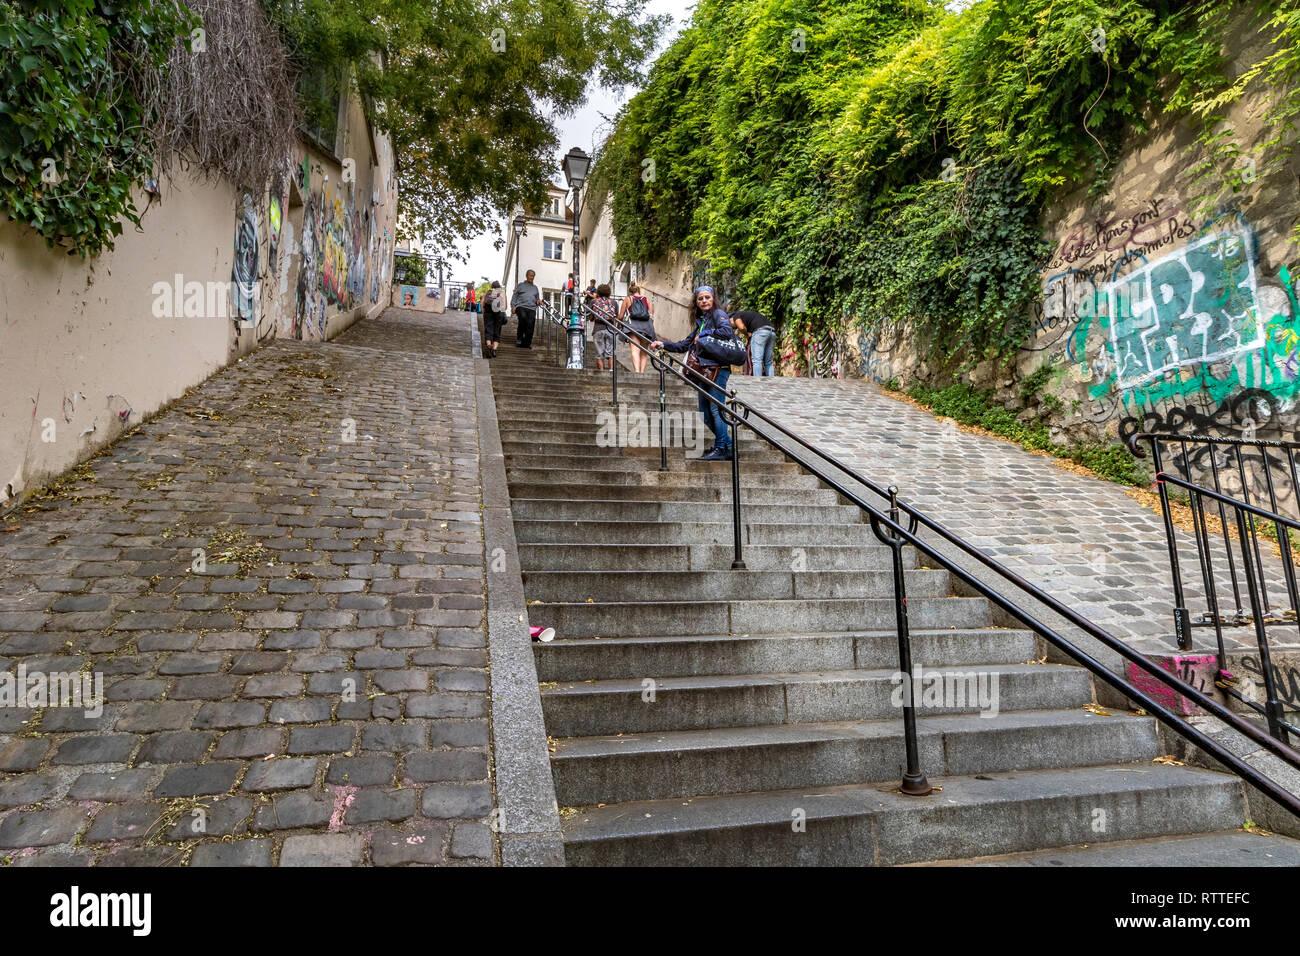 Las personas escalando los peldaños empinados en Rue du Calvaire, que conecta la Rue Gabrielle y Place du Tetre a Montmartre, Paris Foto de stock